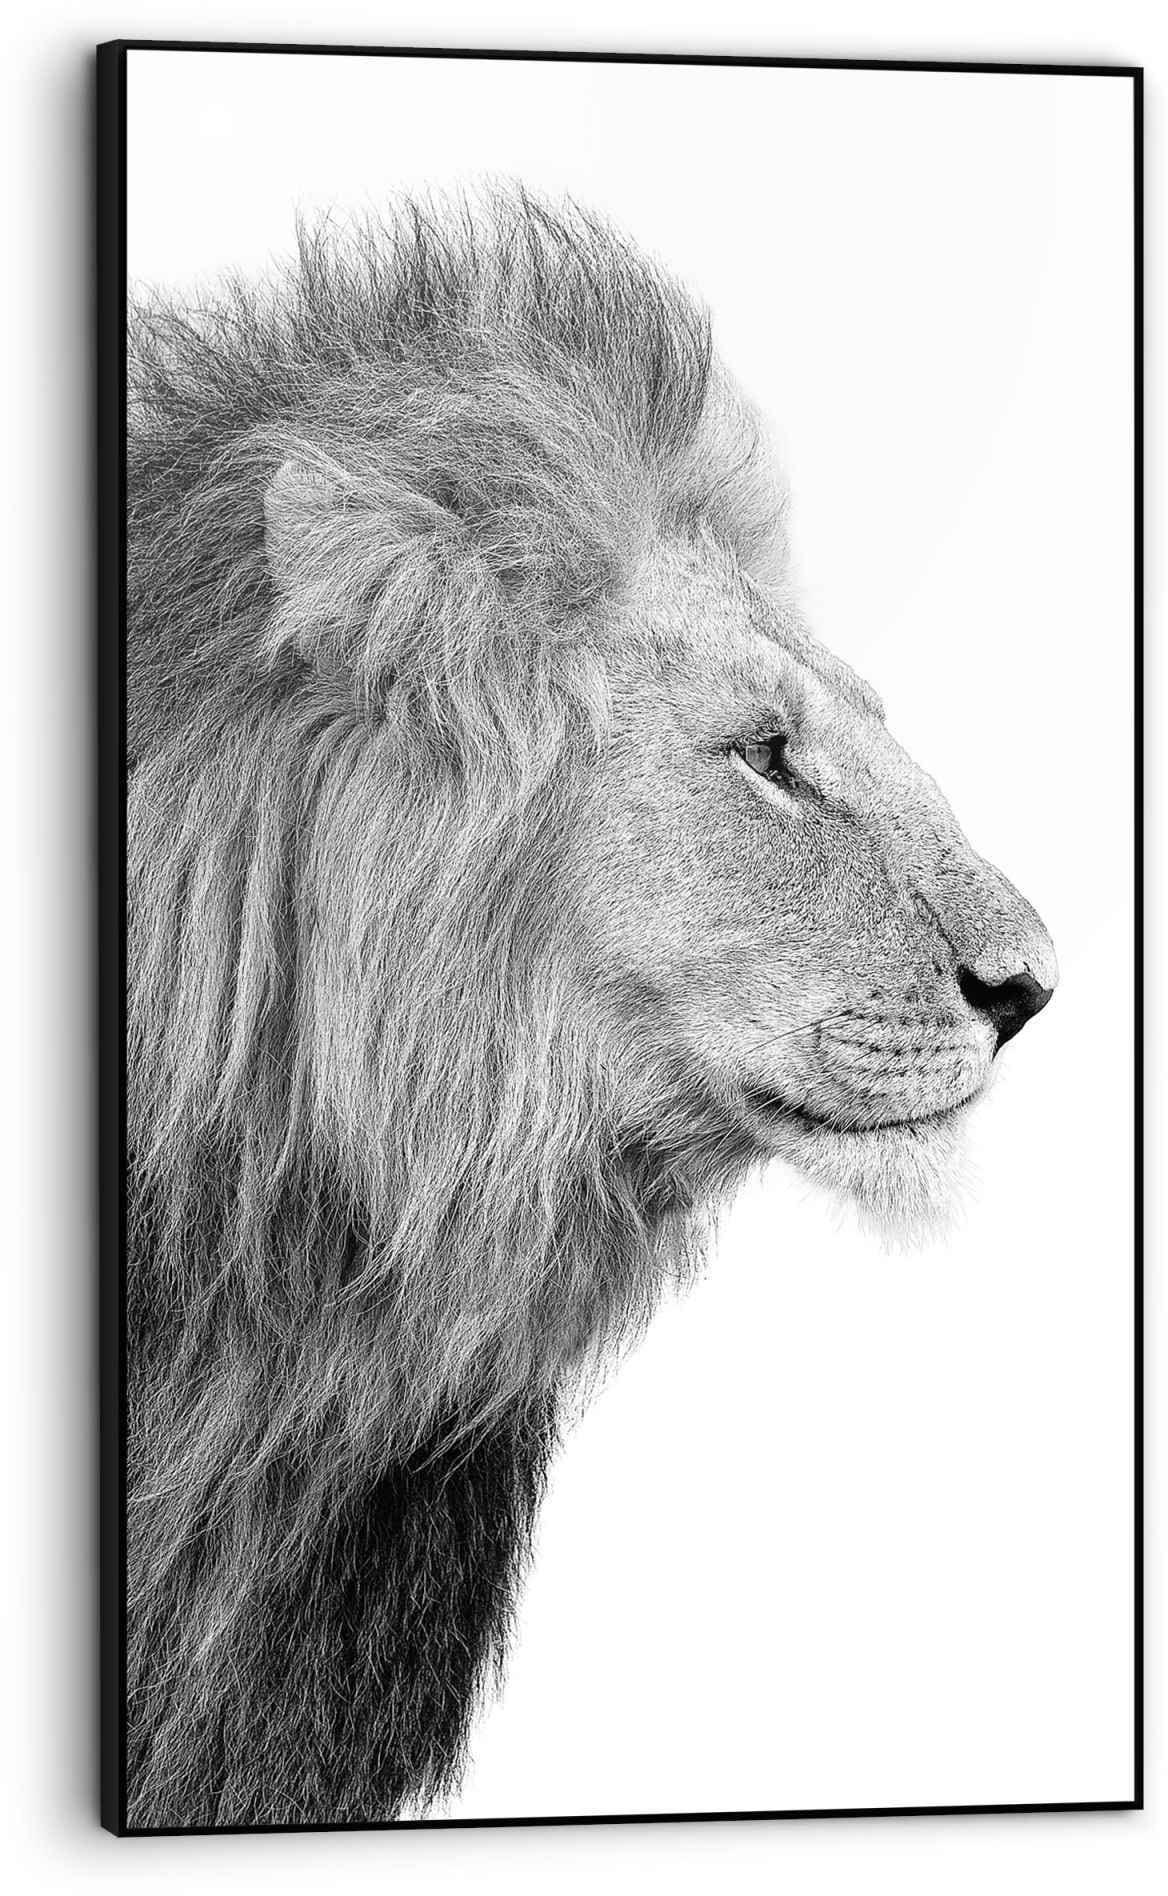 Reinders Bild Gerahmtes Bild Löwenkopf Tierkopf - Porträt - Seitenansicht, Löwen, (1 St.)